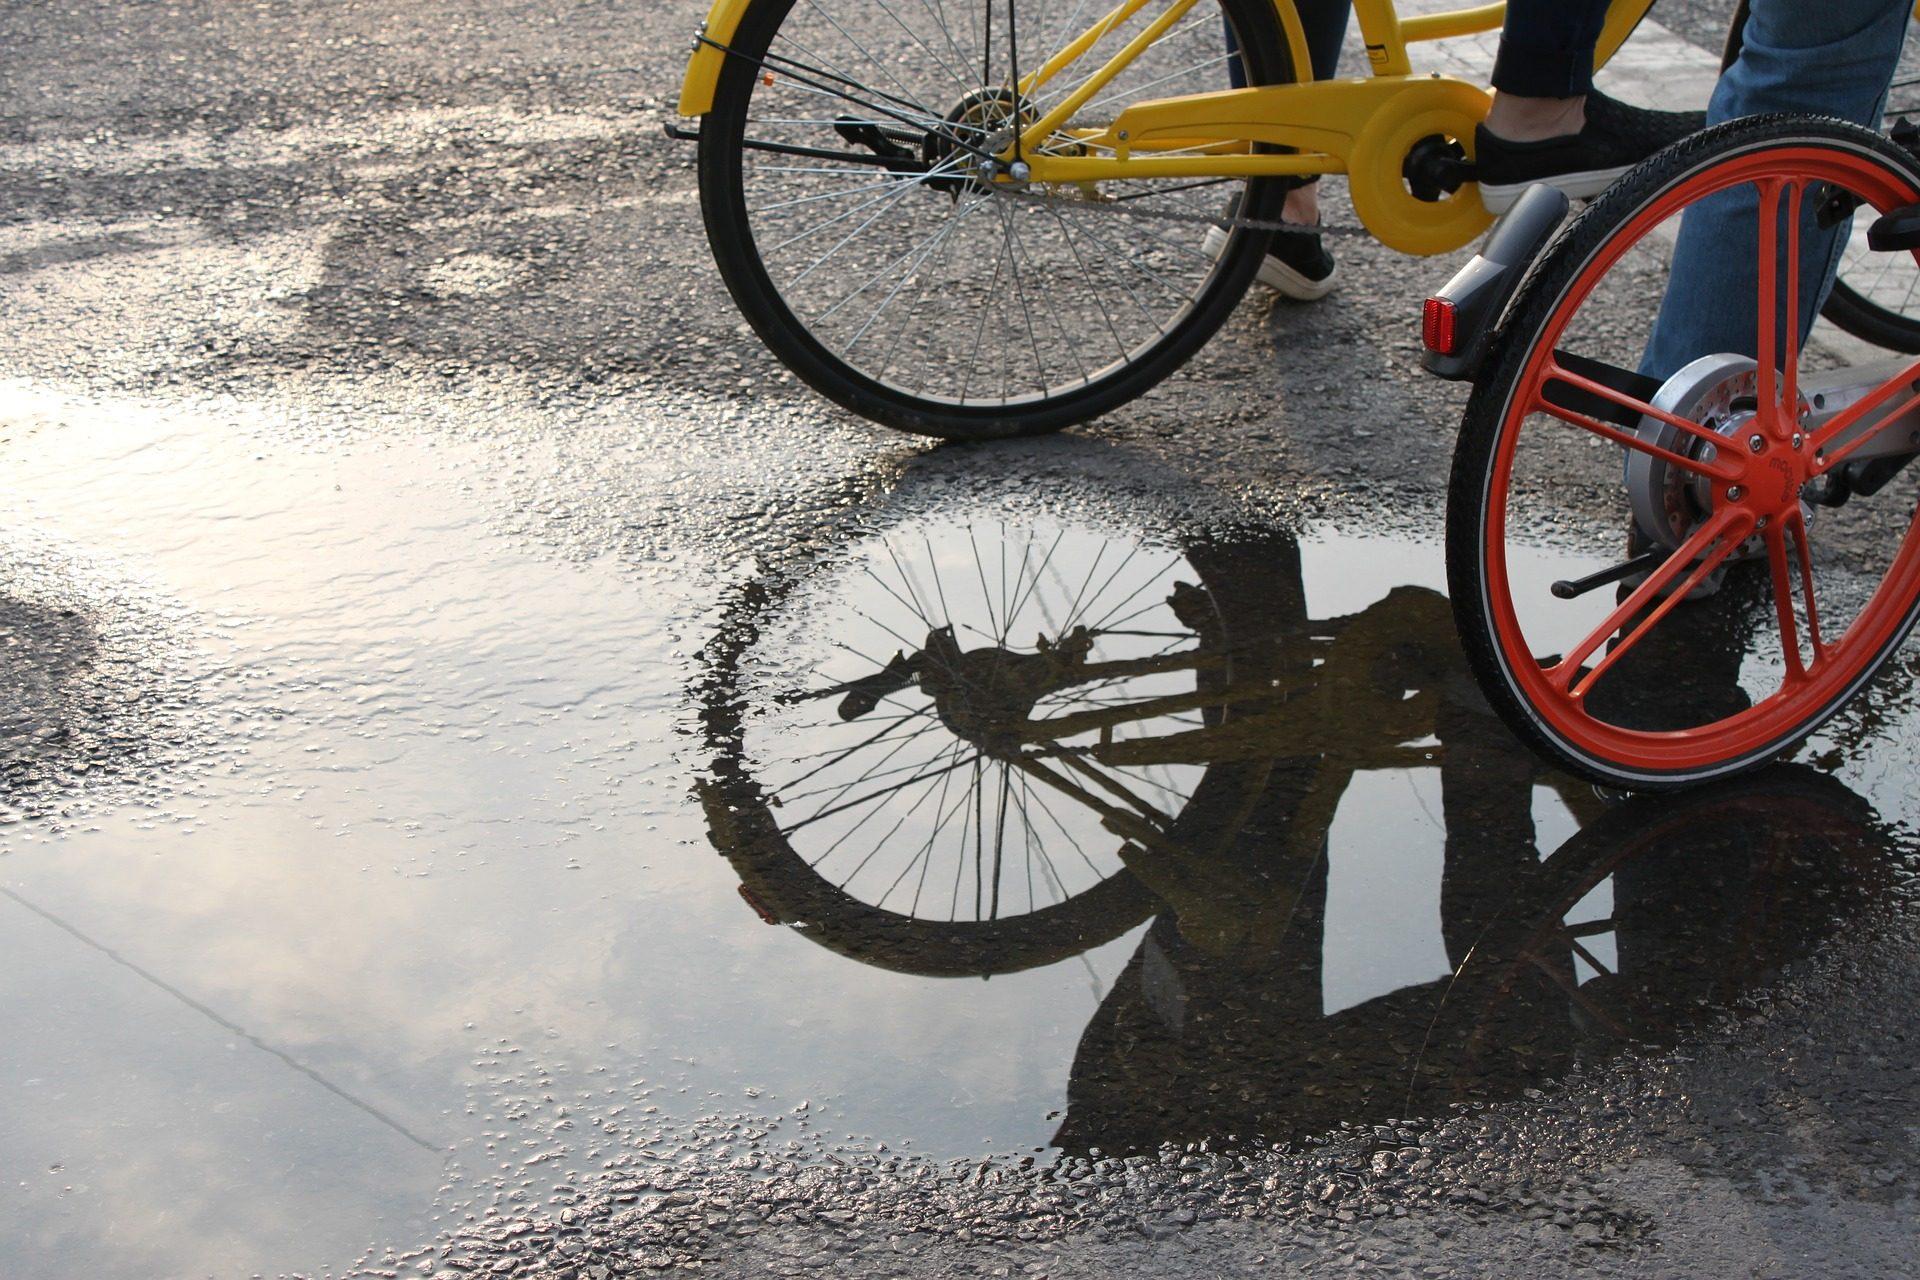 دراجات هوائية, عجلات, بركة, انعكاس, المياه - خلفيات عالية الدقة - أستاذ falken.com